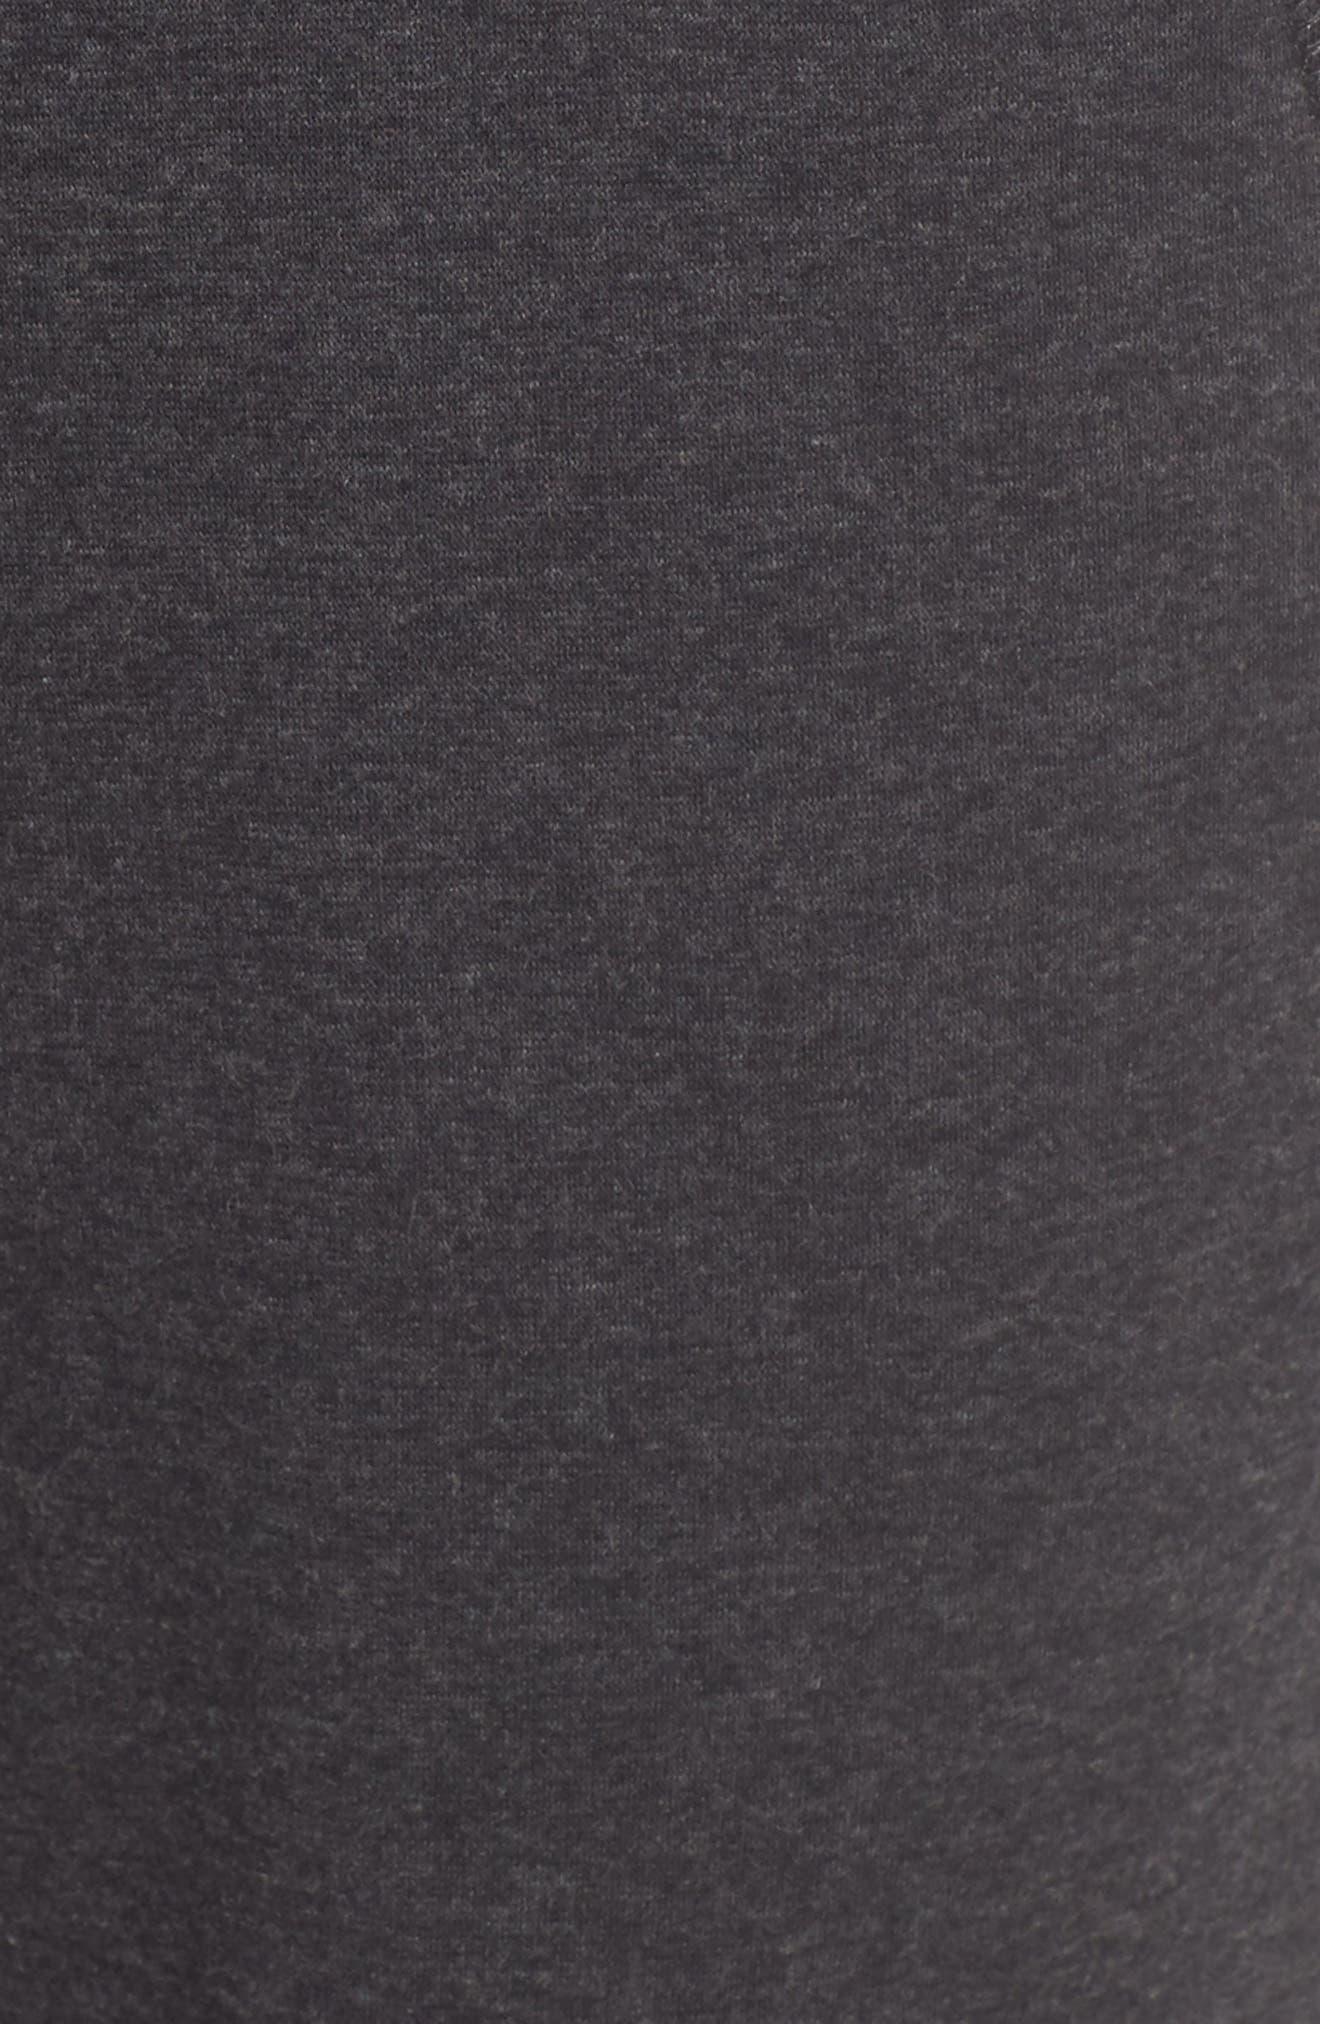 Australia 'Keaughn' Sweatpants,                             Alternate thumbnail 5, color,                             014